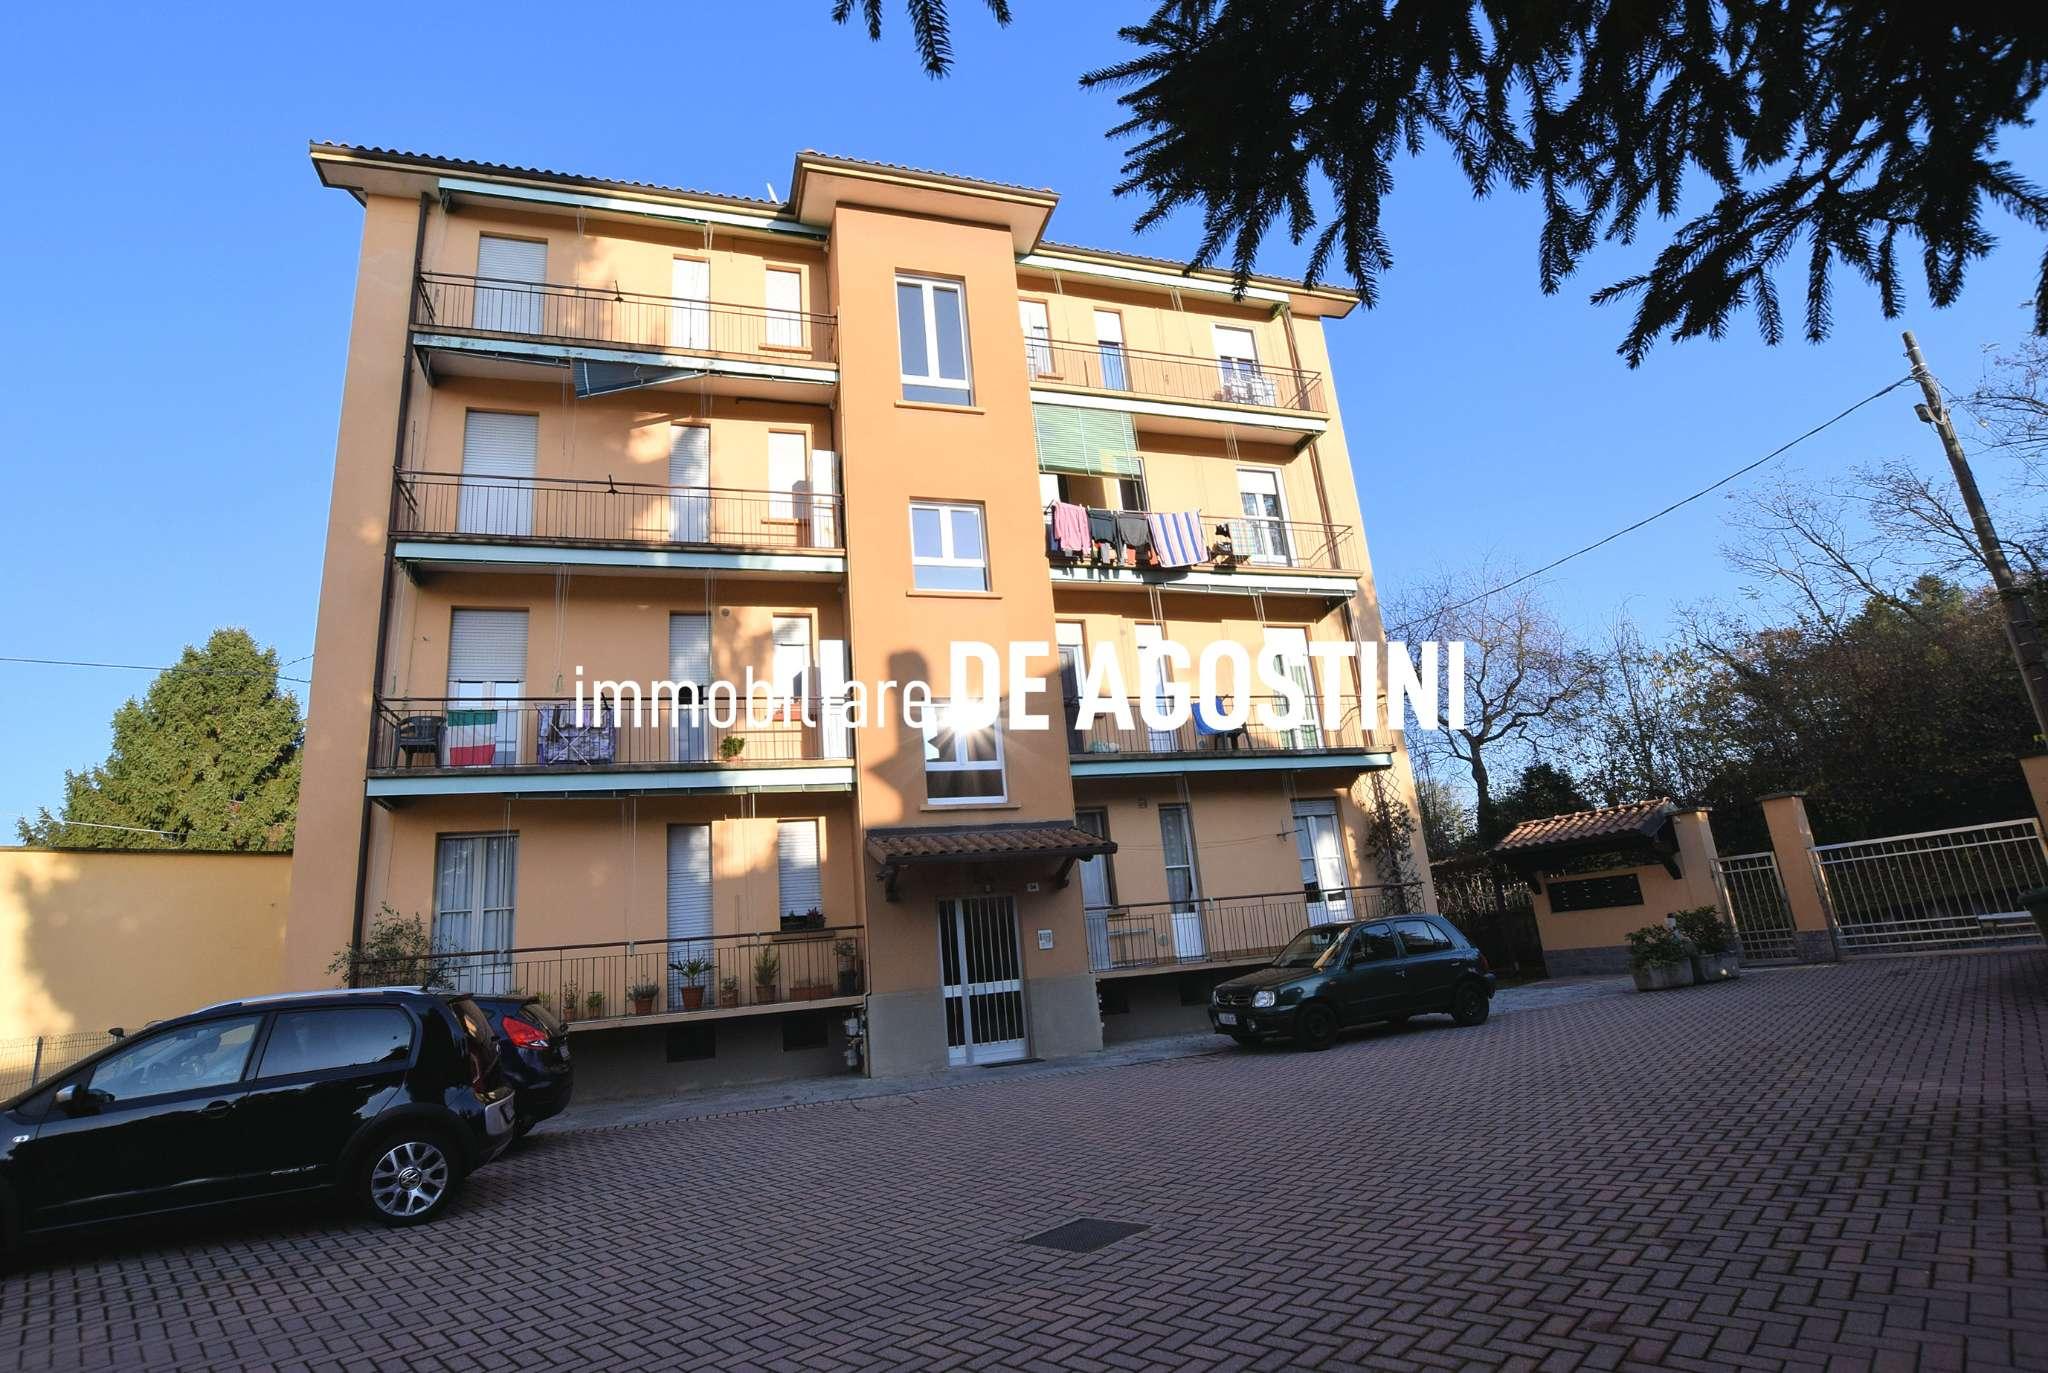 Appartamento in affitto a Arona, 3 locali, prezzo € 450 | CambioCasa.it